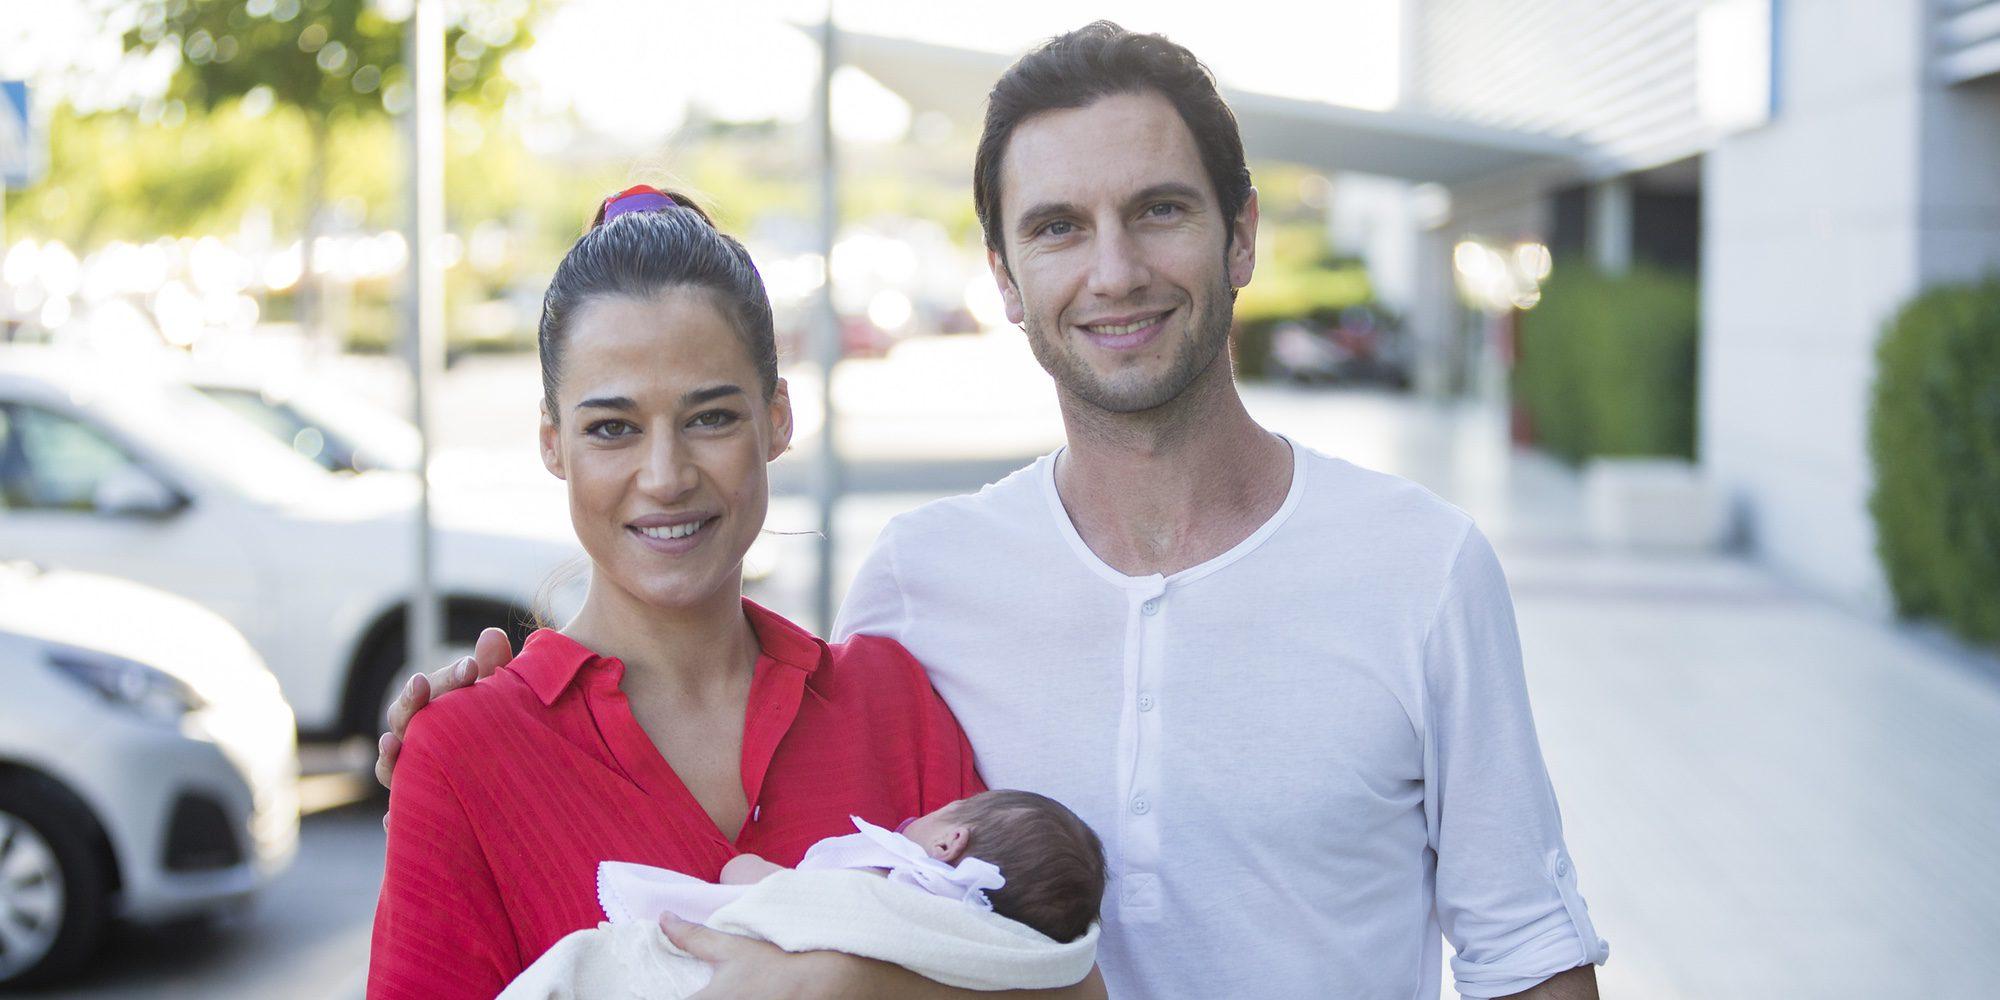 Ana Bono y su novio Gabriel Funes presentan a su hija Anita